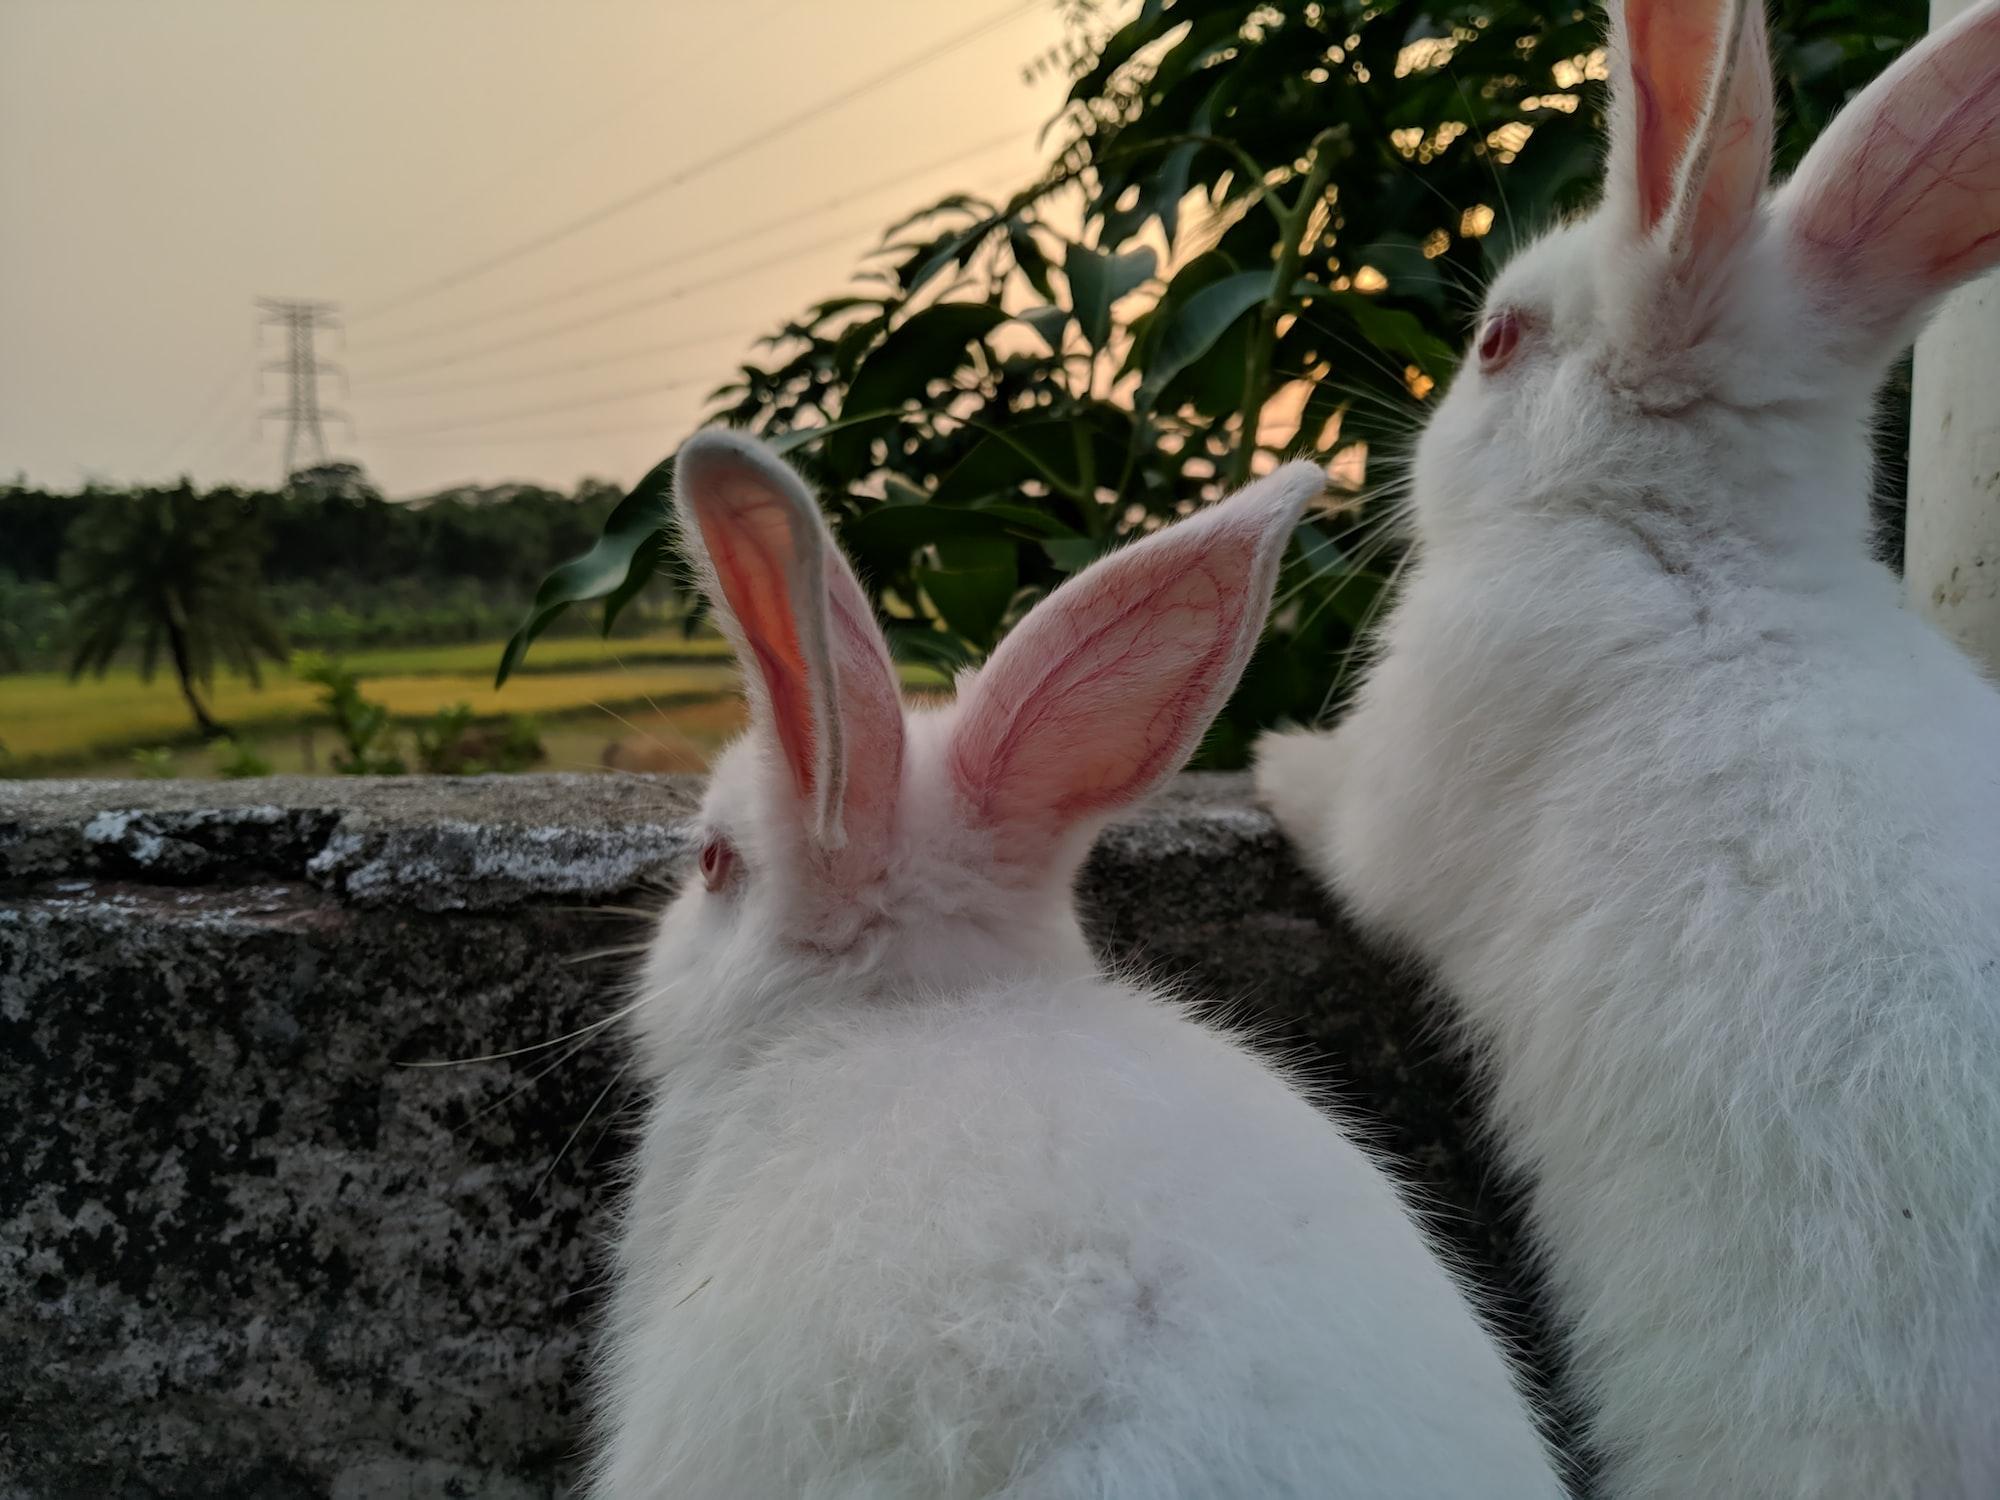 Si vous chassez deux lapins, vous n'en attraperez aucun